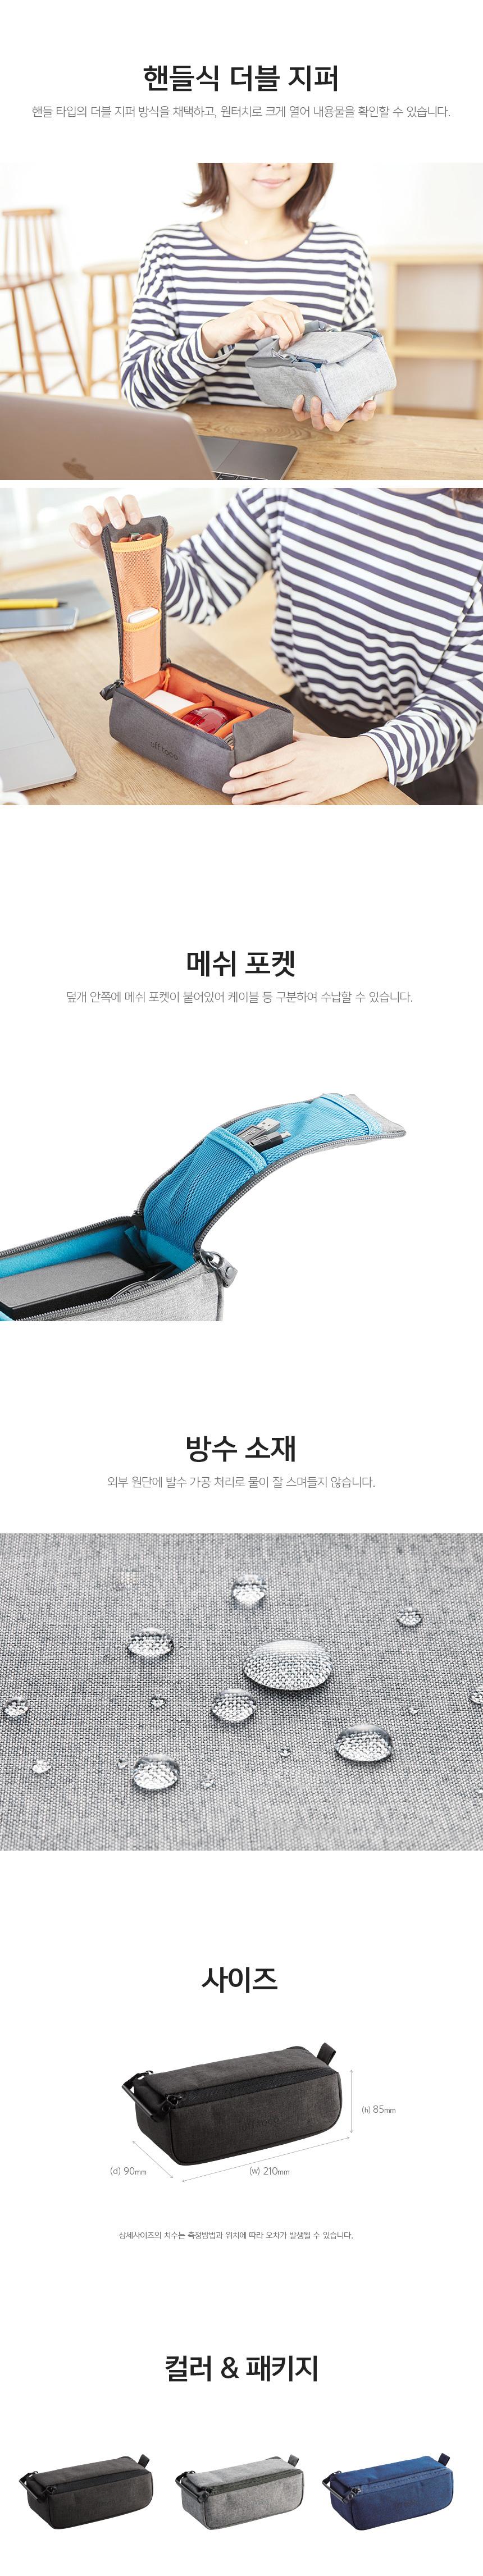 off toco 가젯파우치 네이비 - 엘레컴, 19,500원, 다용도파우치, 지퍼형